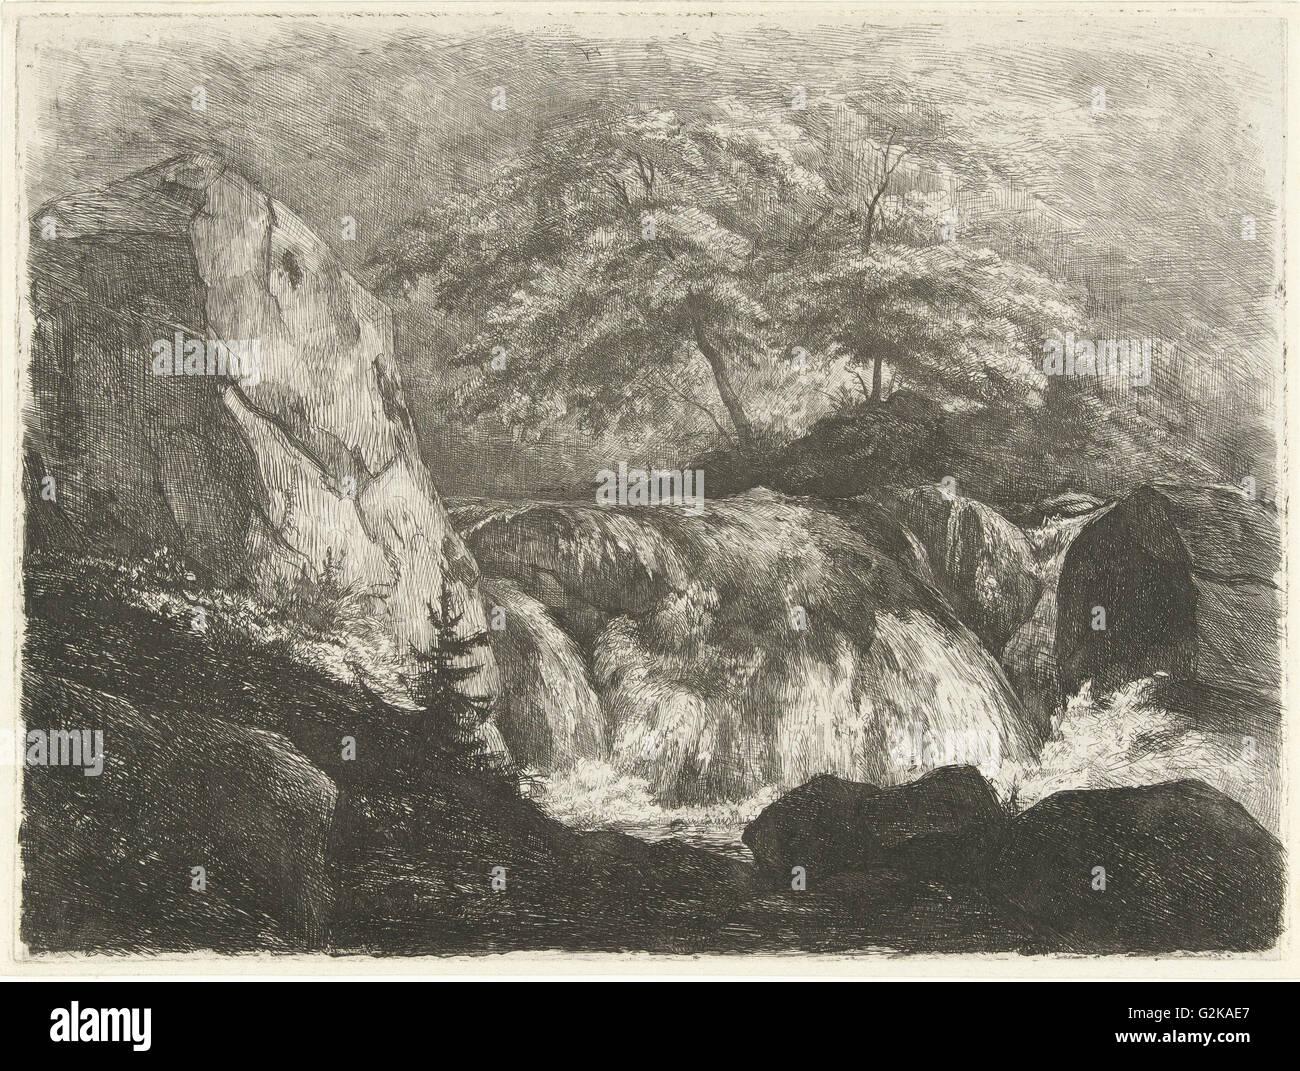 Paesaggio roccioso con cascata, Pierre Louis Dubourcq, 1830 - 1858 Immagini Stock